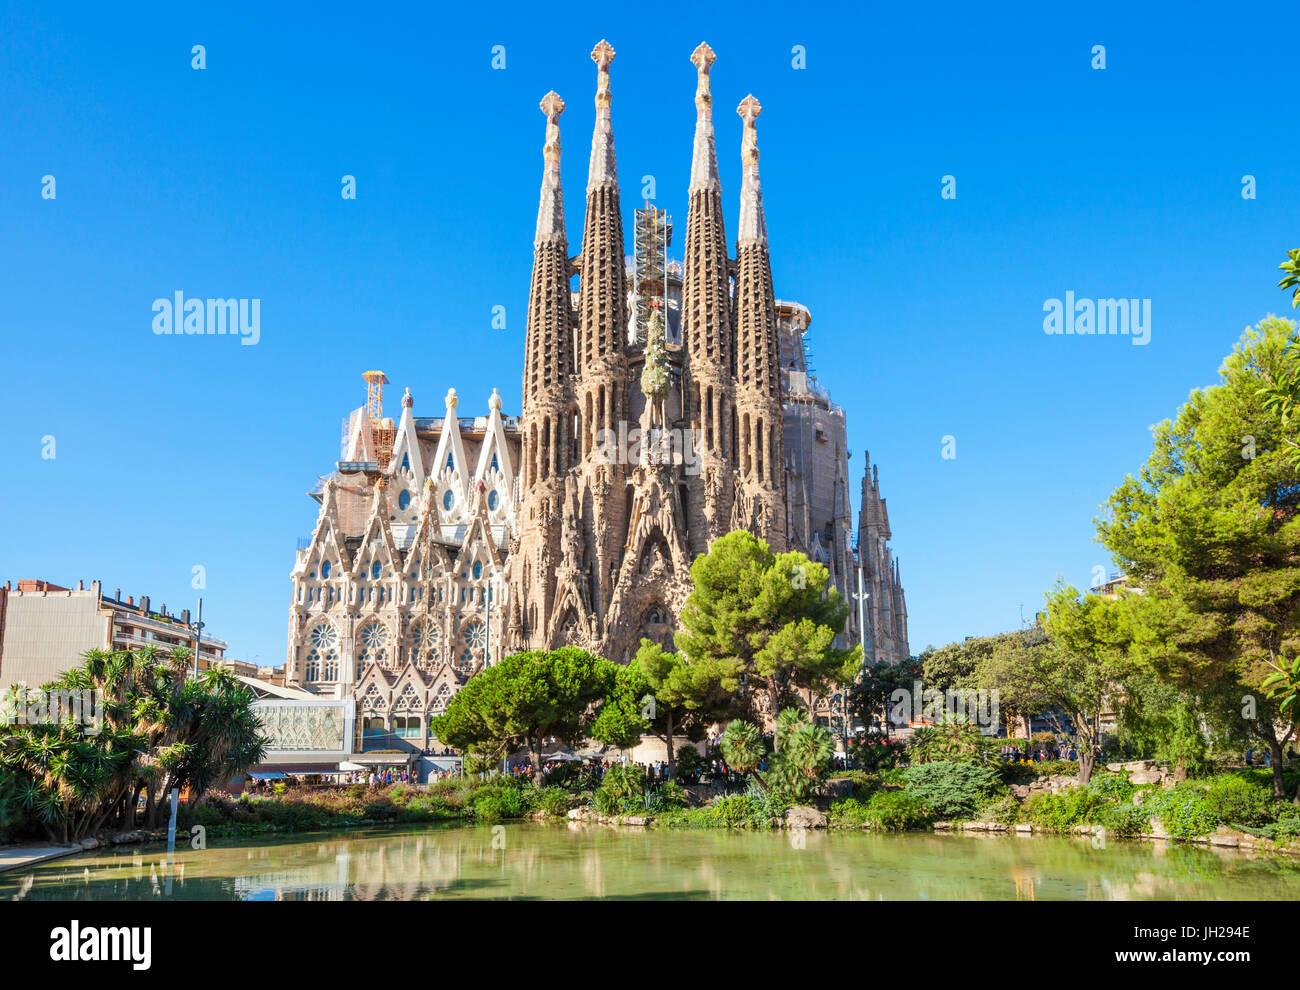 La Sagrada Familia Vue avant, conçu par Antoni Gaudi, l'UNESCO, Barcelone, Catalogne (Catalunya), Espagne Photo Stock